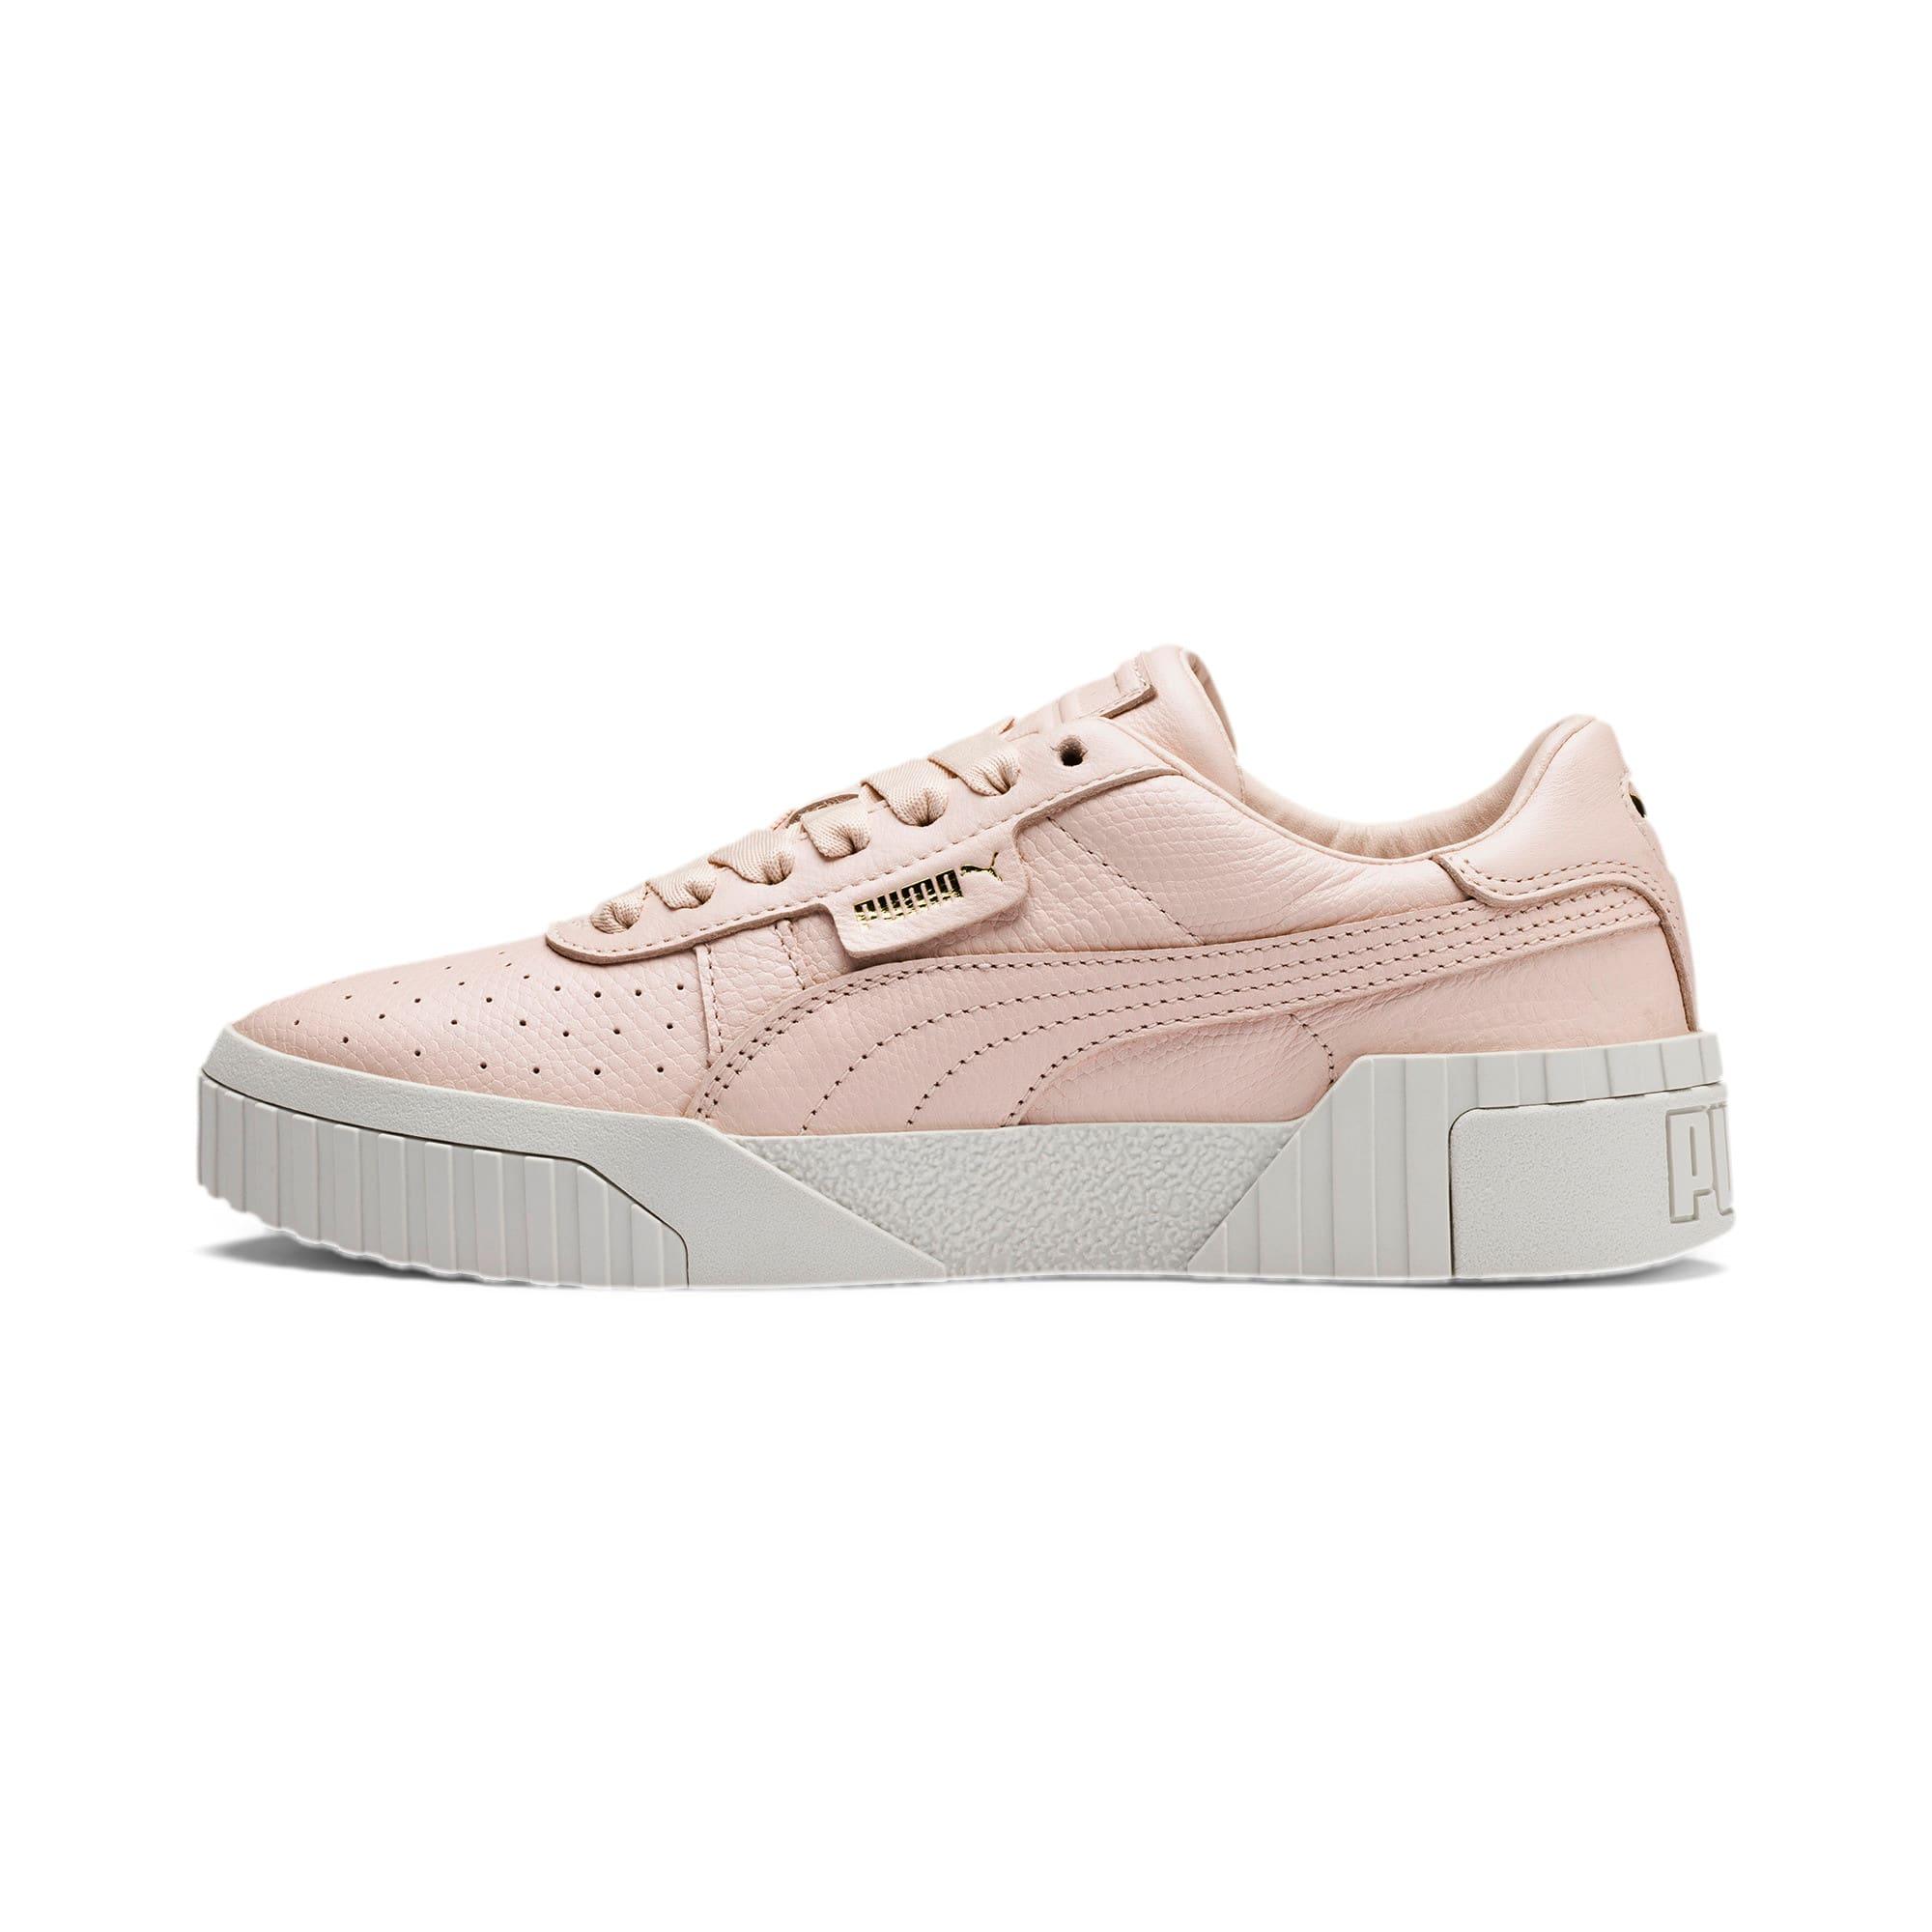 Thumbnail 1 of Cali Emboss sneakers voor dames, Cream Tan-Cream Tan, medium